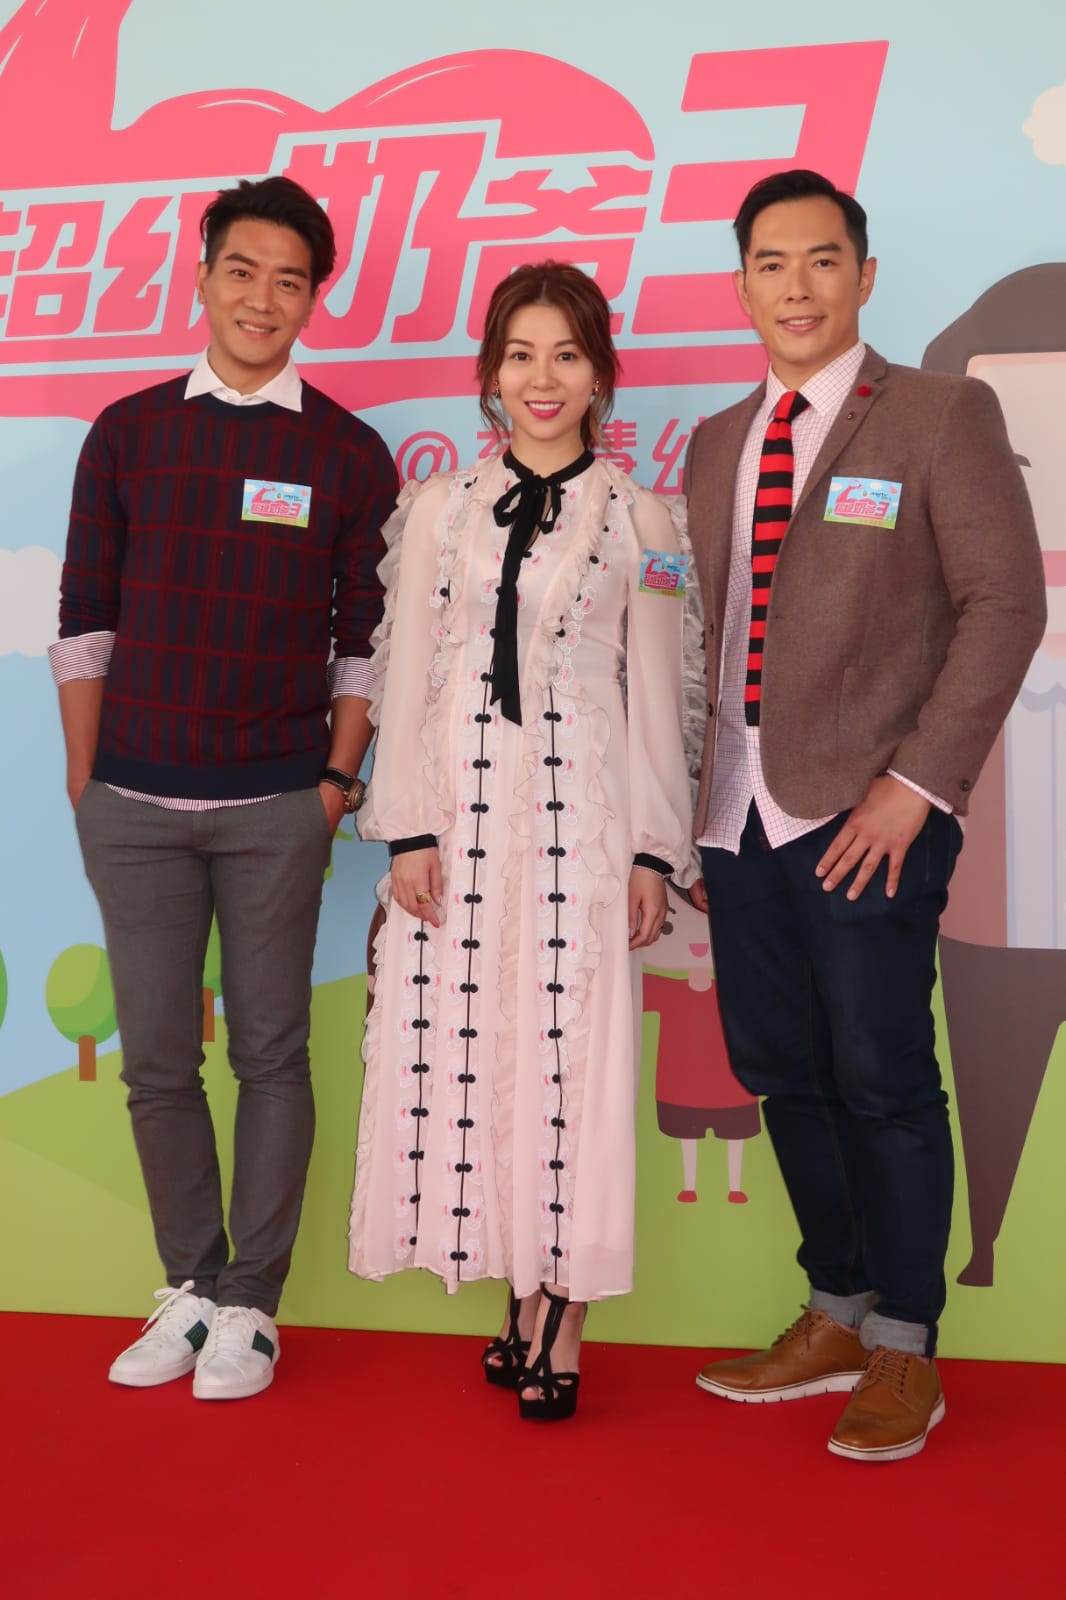 黎諾懿、黃婉曼及何基佑出席 myTV SUPER《超級奶爸3》記者會。